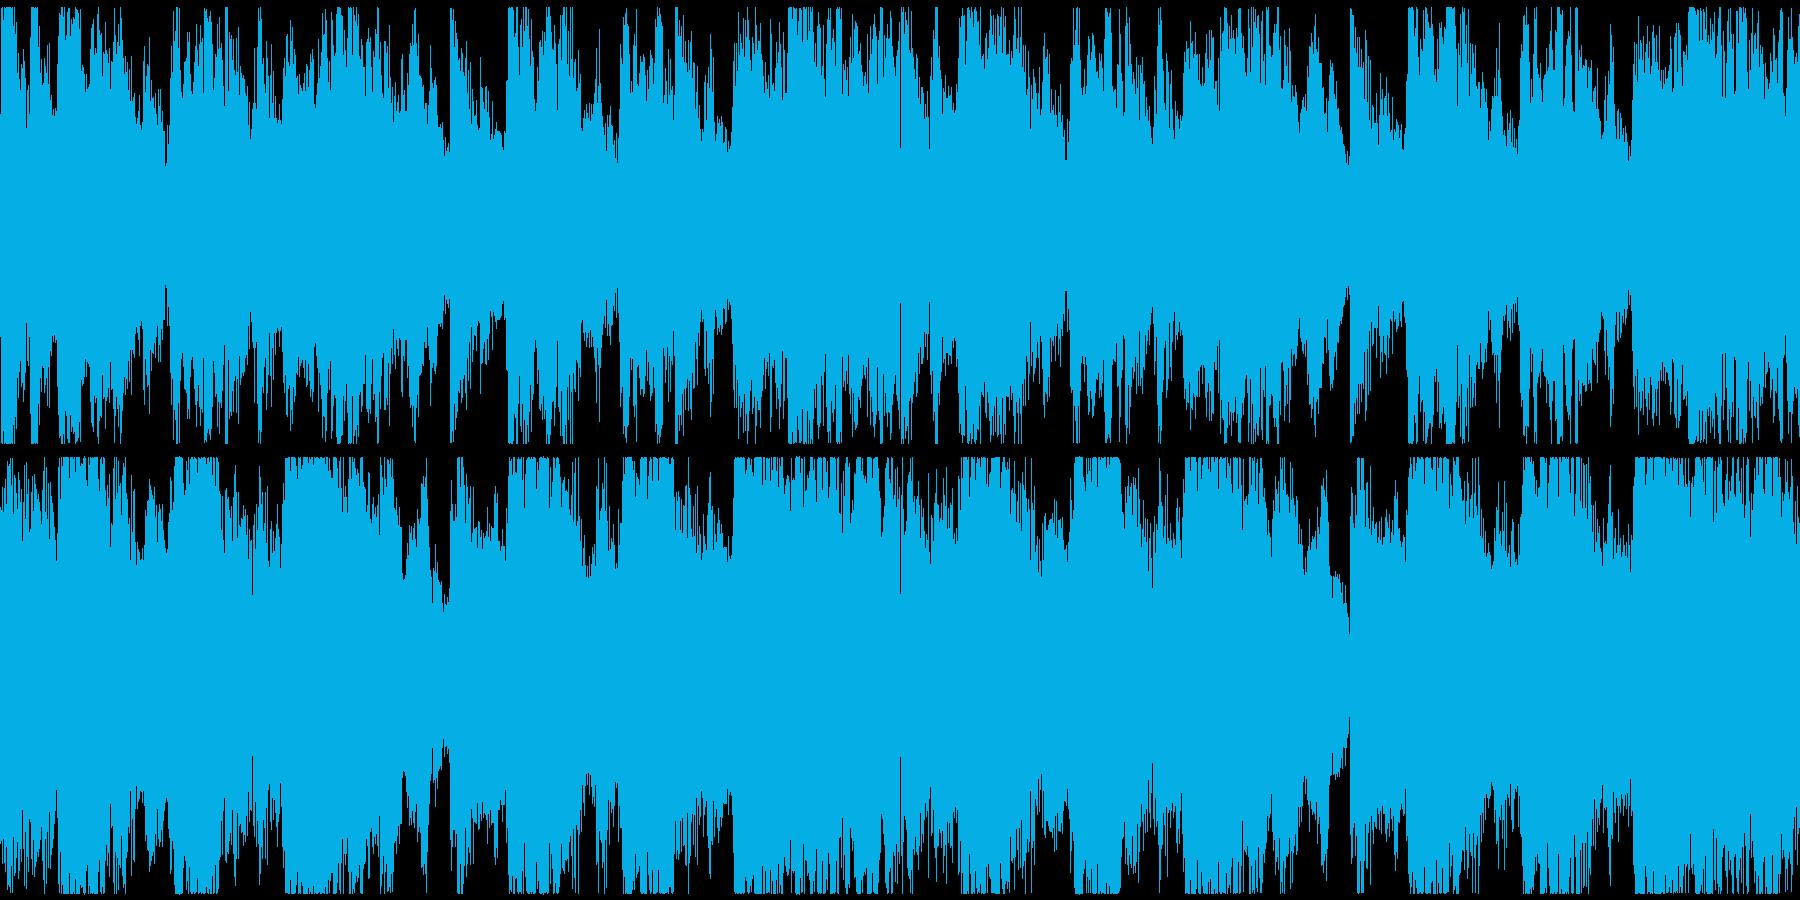 恐怖をイメージしたBGM(ループ)の再生済みの波形